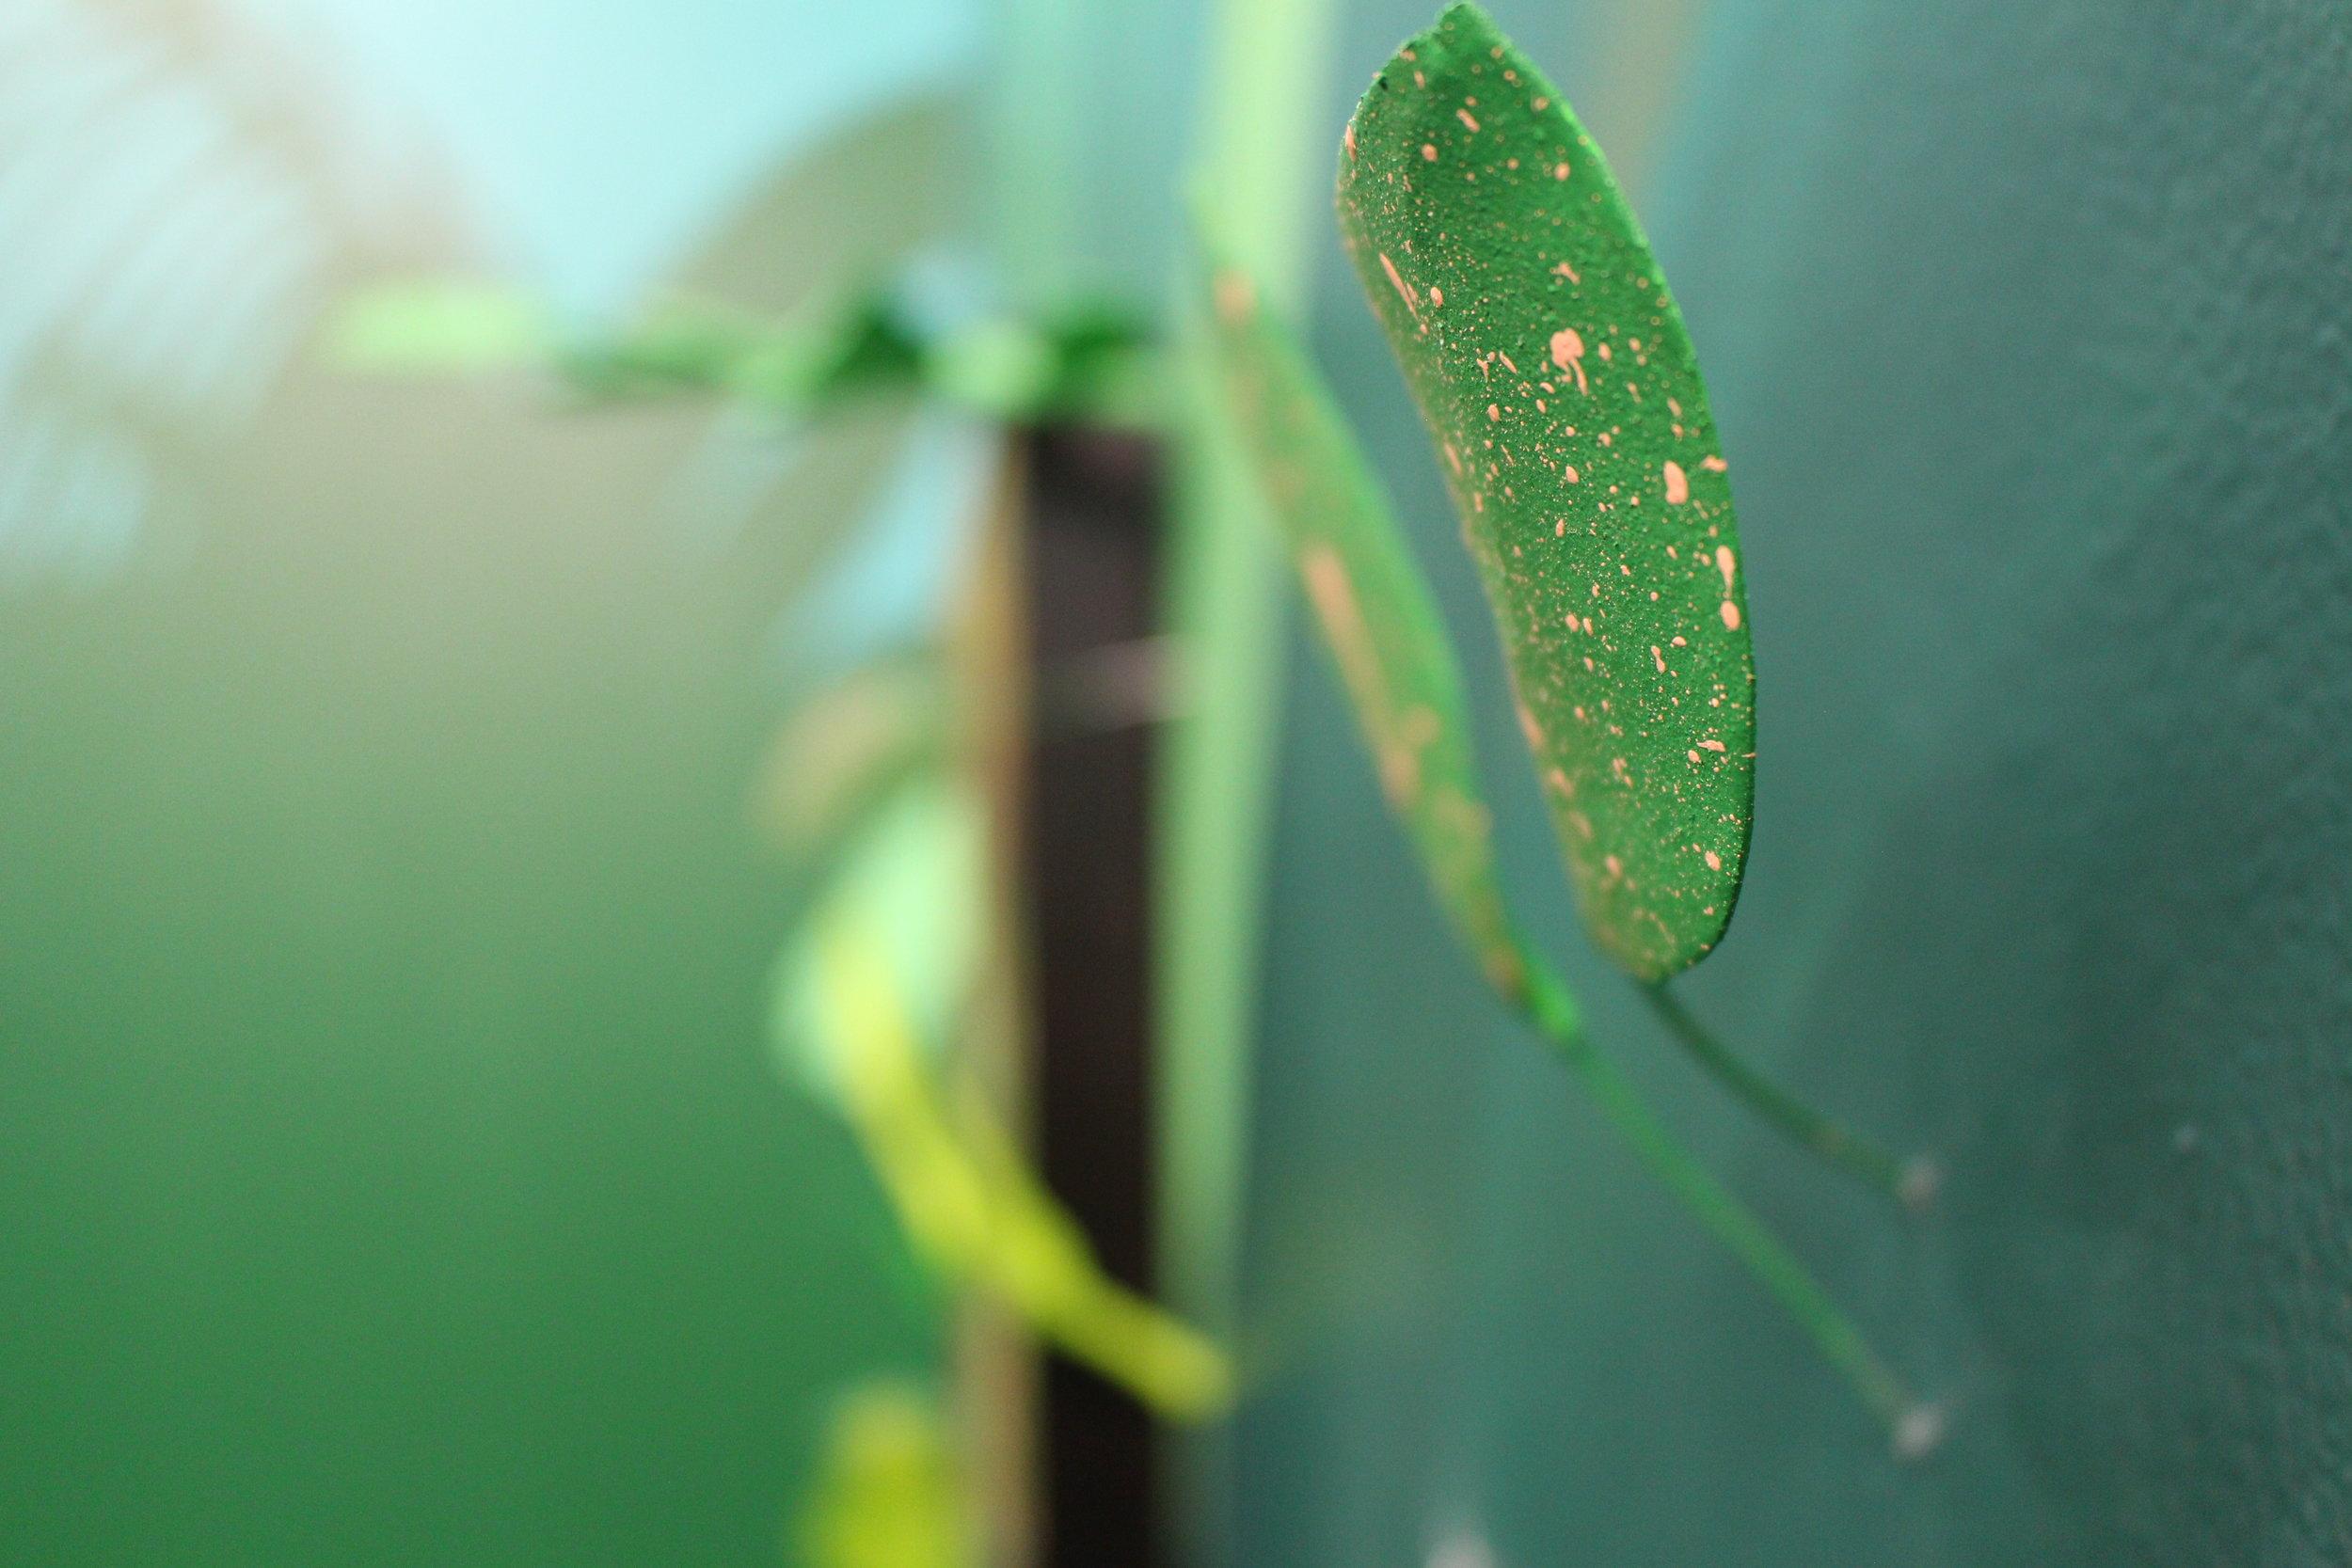 Secrets of Leaves - speckled leaf close up.JPG